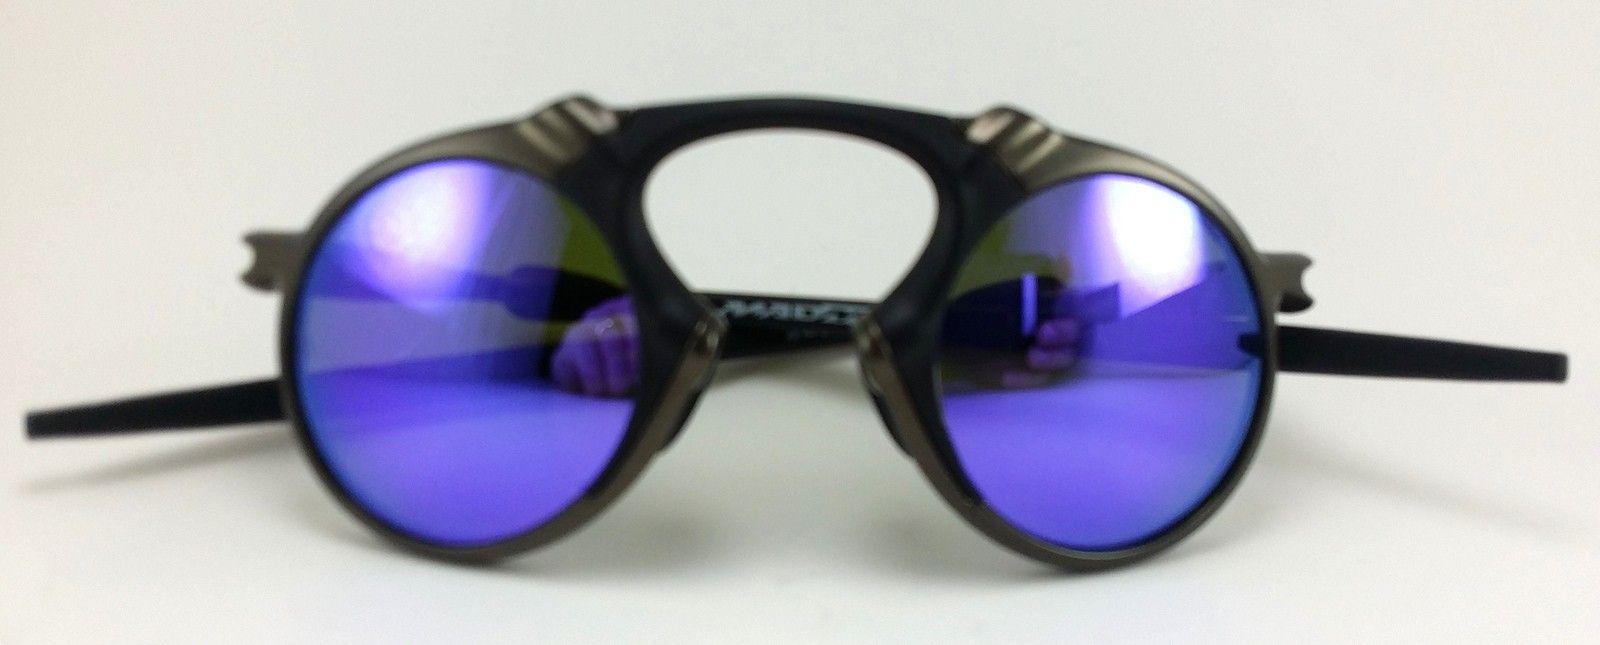 Madman Violet Custom - 16357997567_936b9cc092_k.jpg